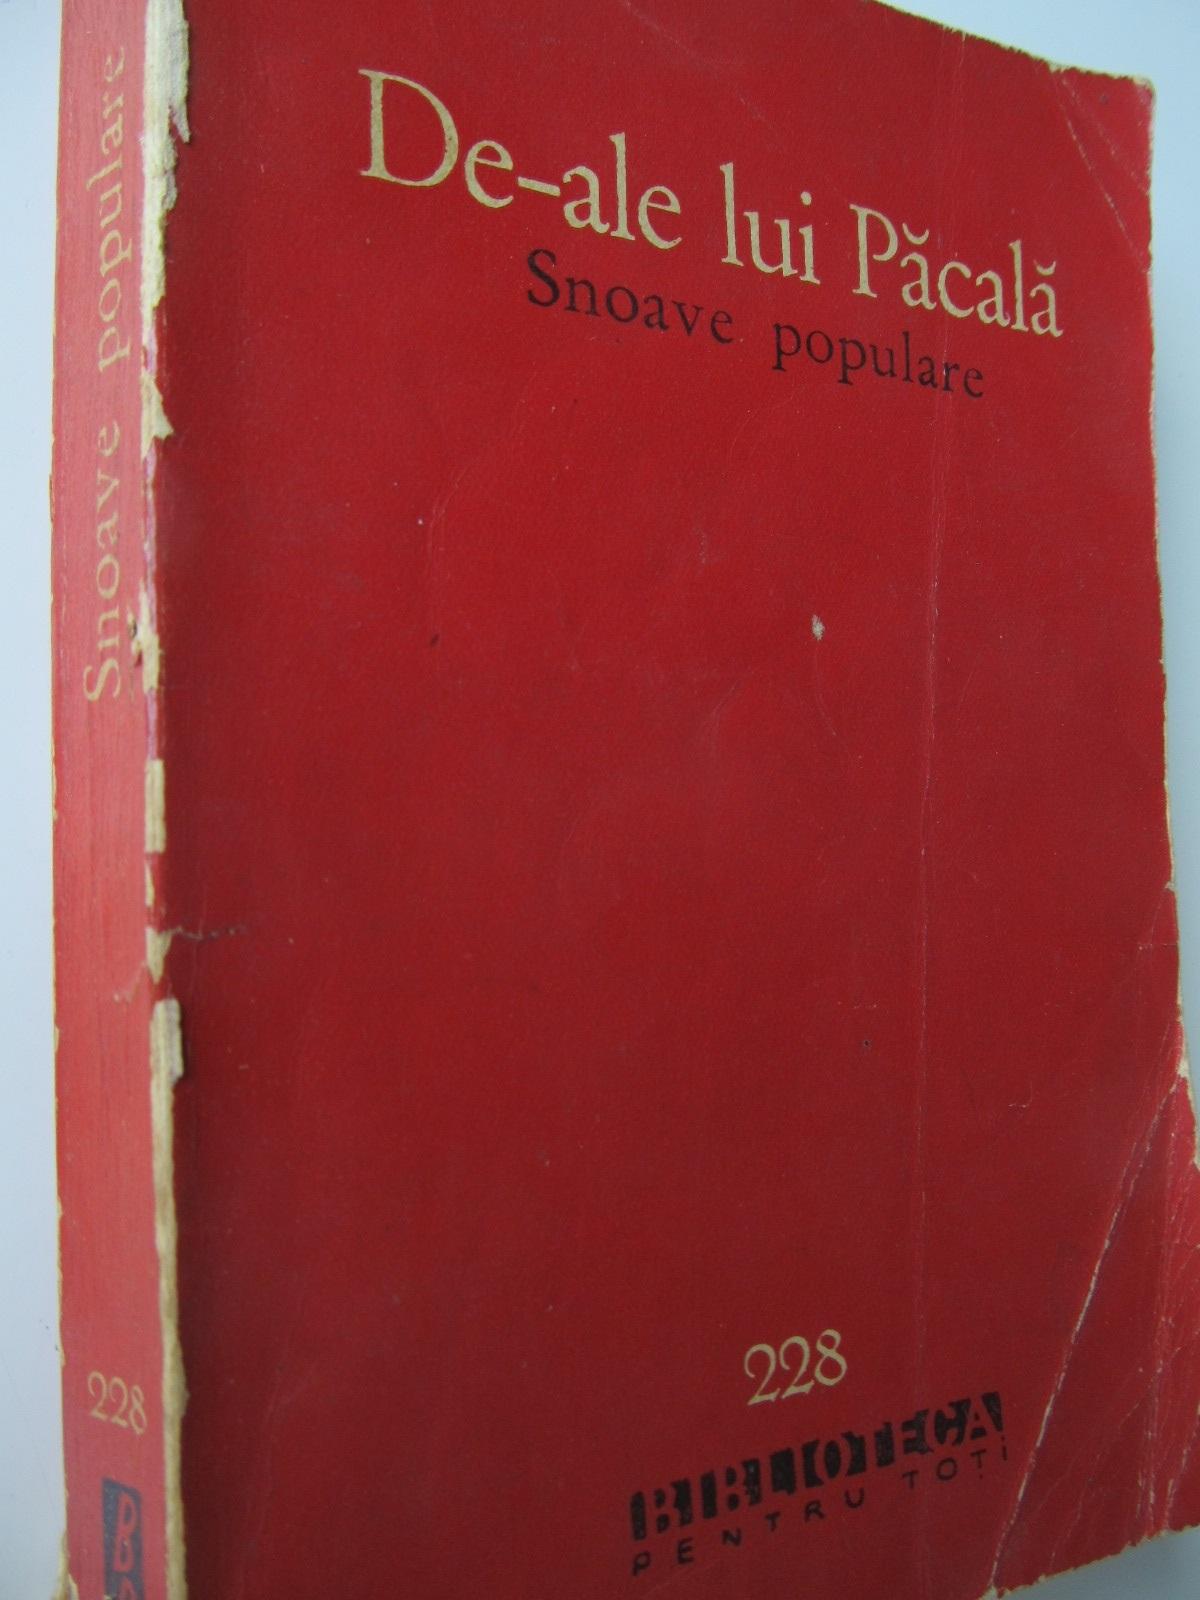 De-ale lui Pacala - Snoave populare - *** | Detalii carte